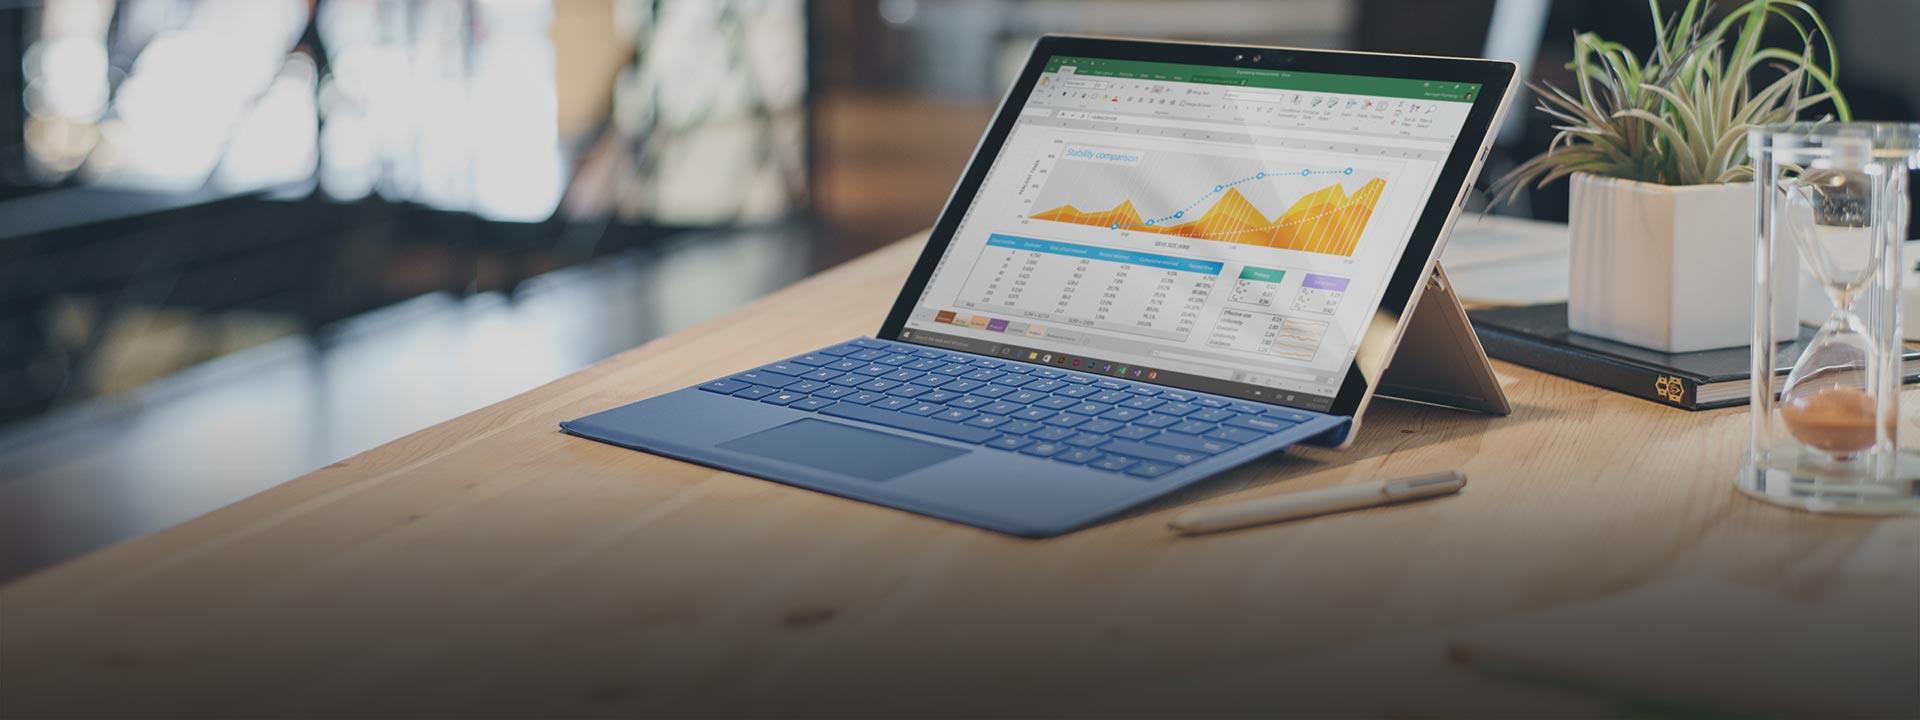 Surface Pro 4, más información